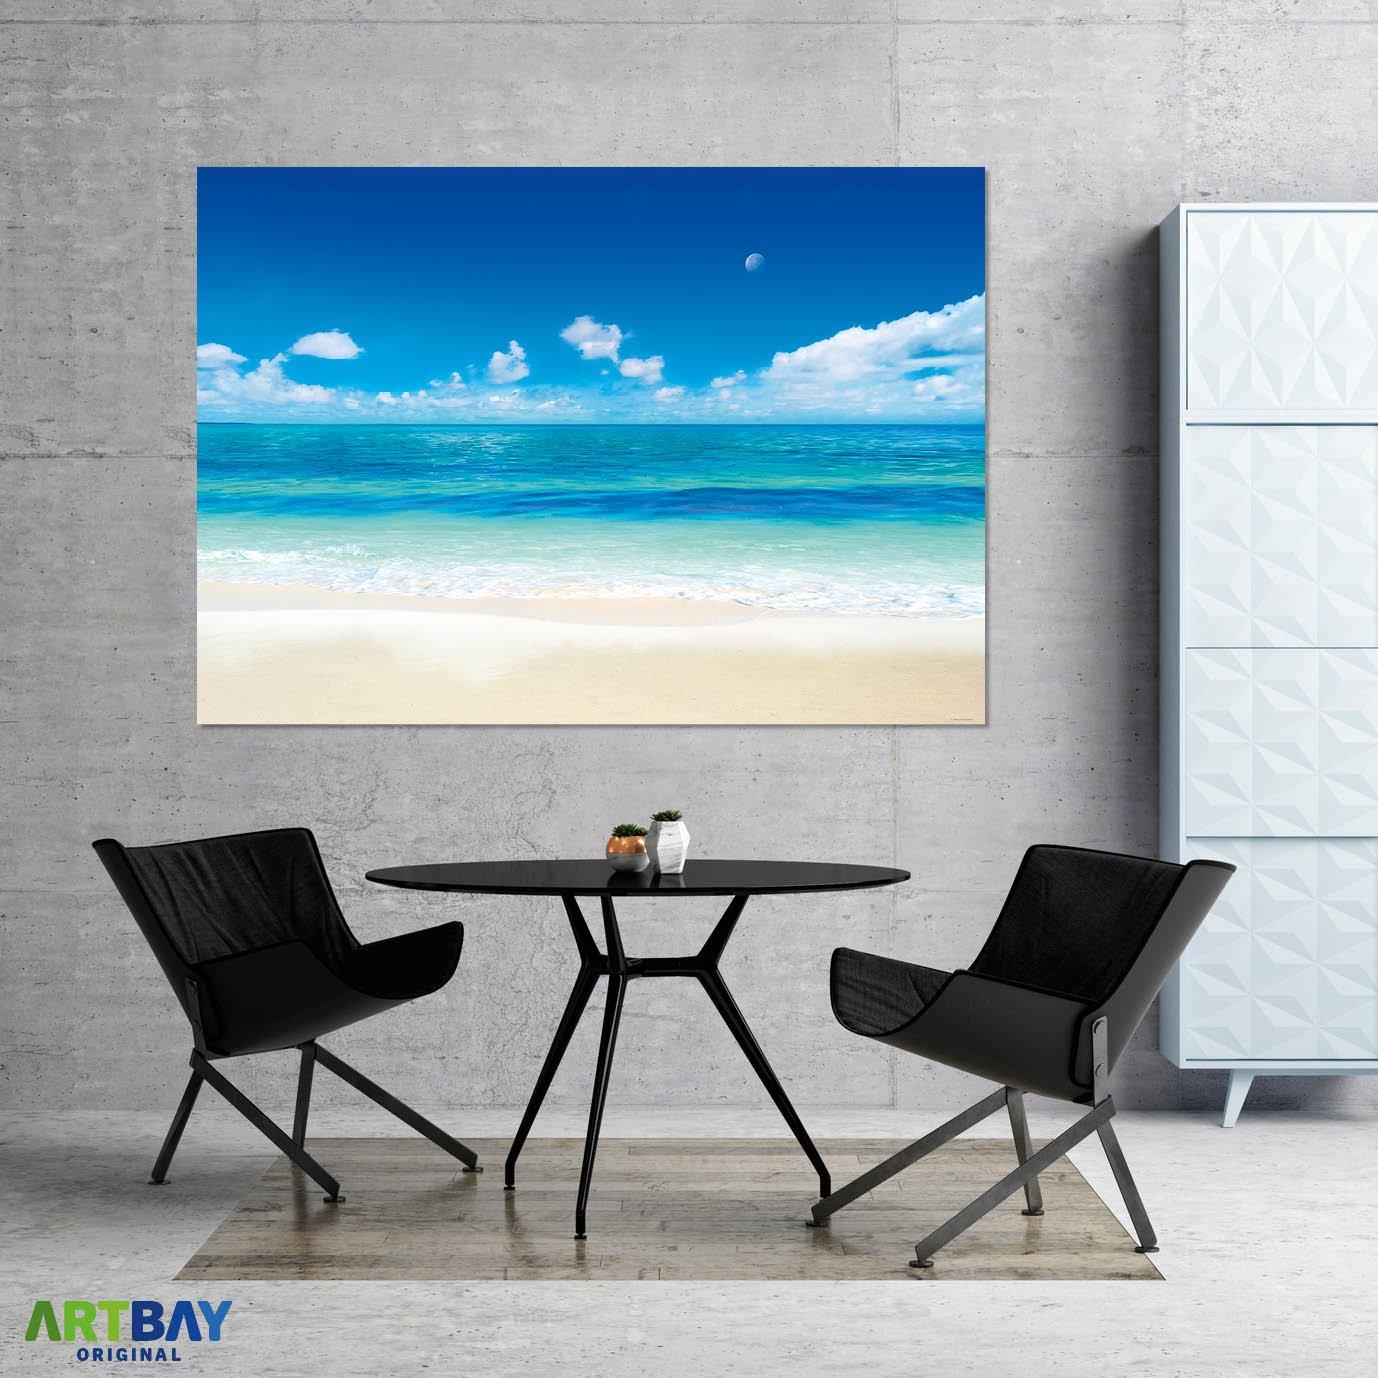 ARTBAY La luna y el mar - Póster XXL - 118,8 x 84 cm | Póster de naturaleza | Decoración mural de alta resolución: Amazon.es: Hogar